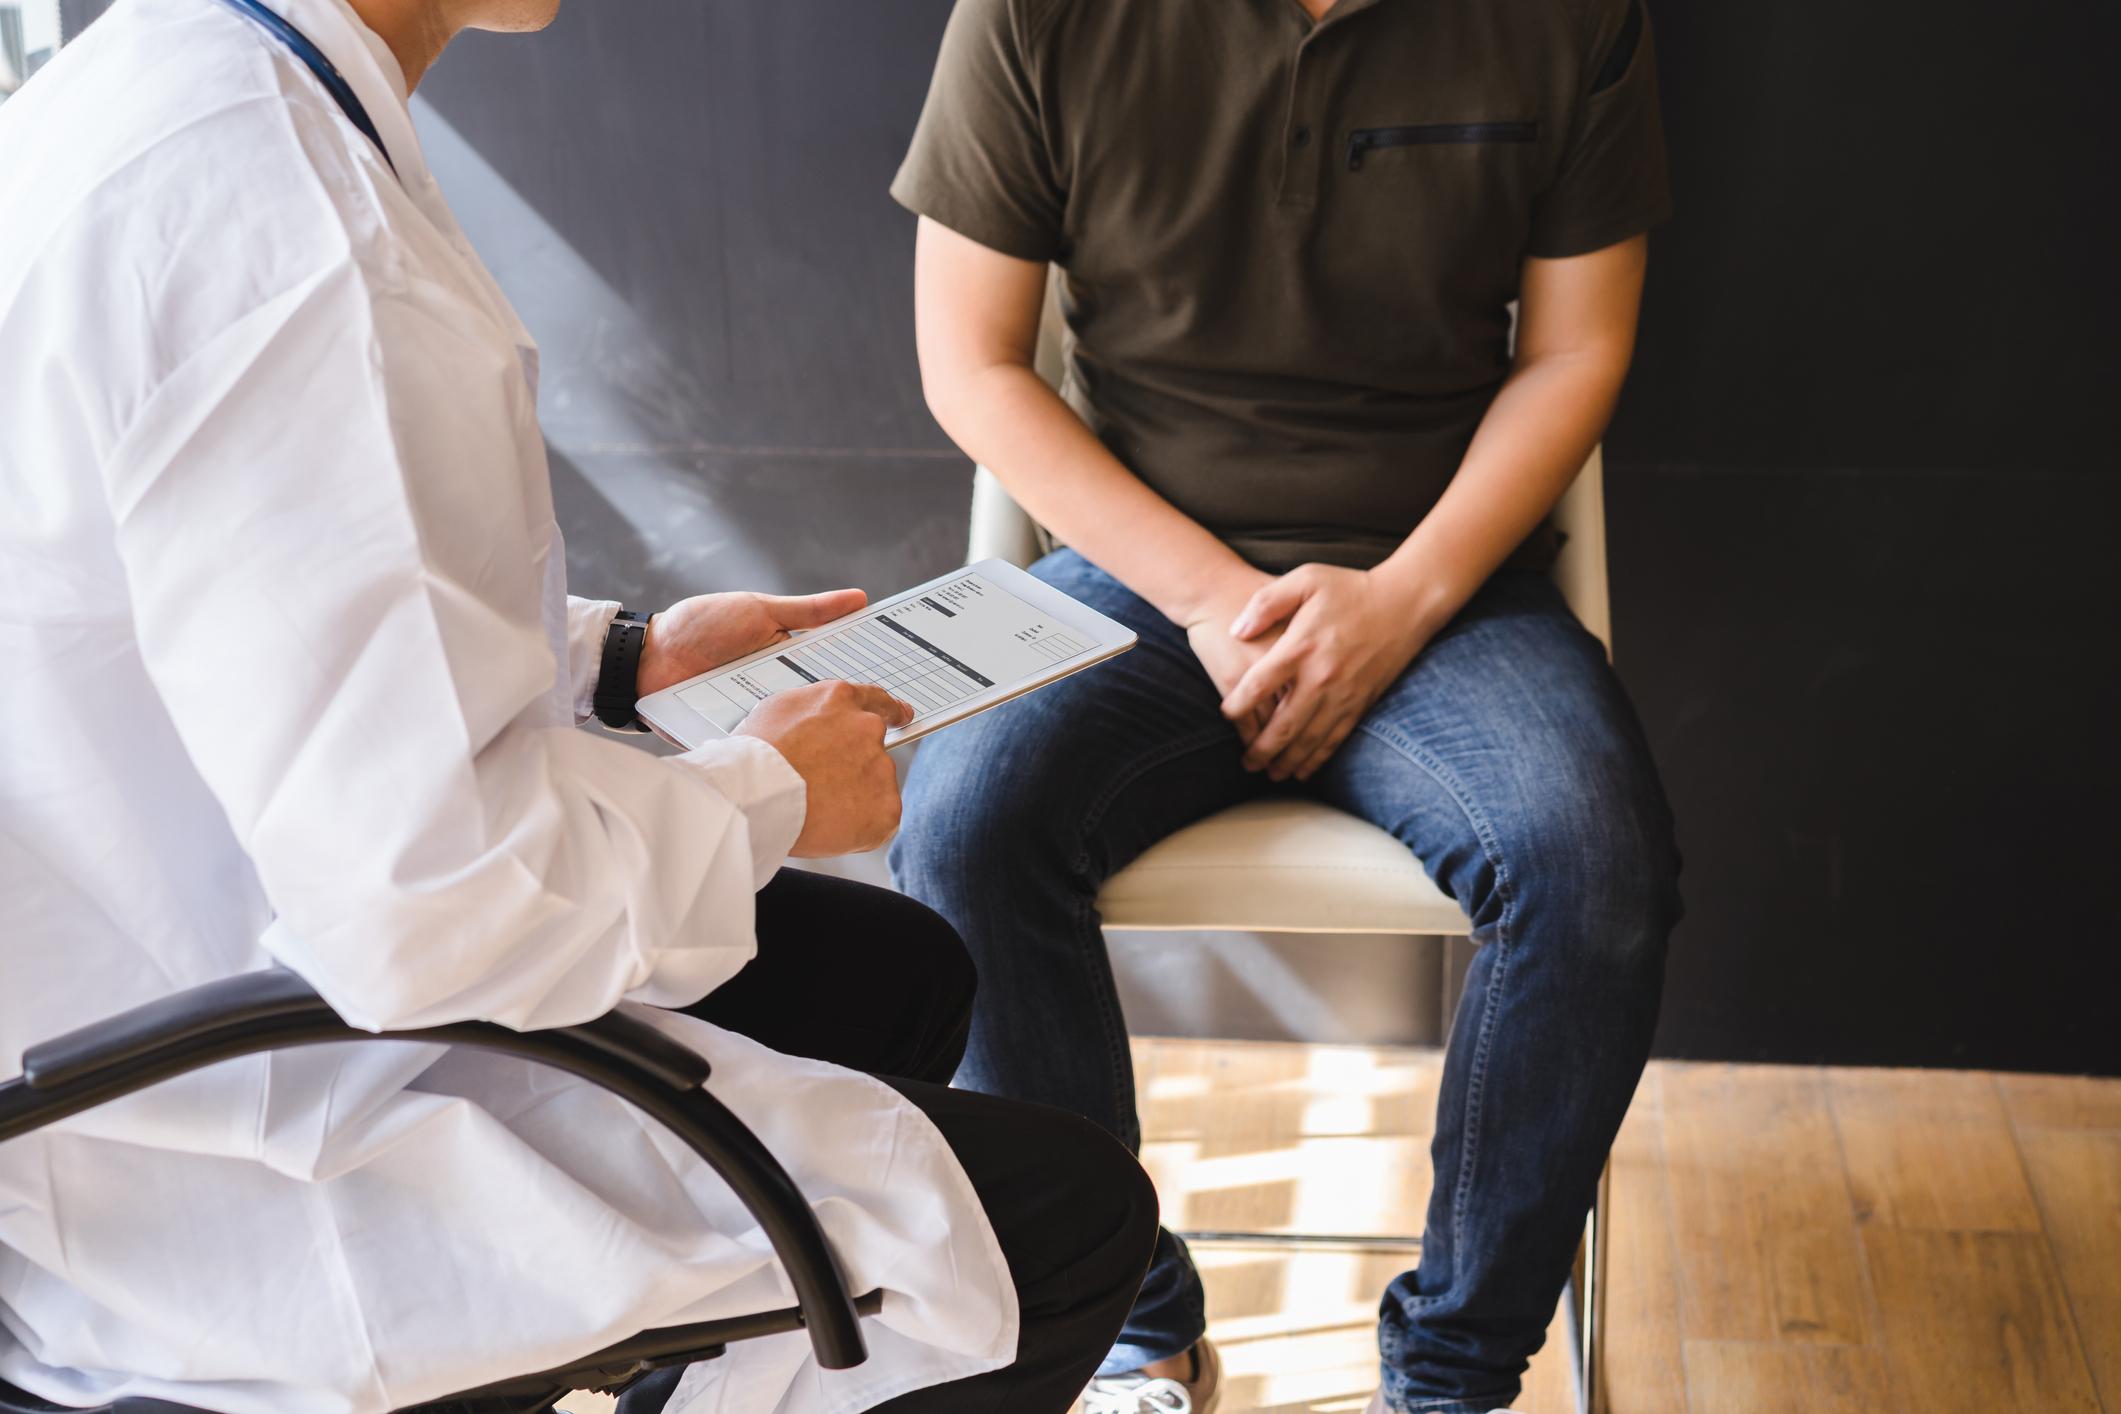 diagnosztizált magas vérnyomás magas vérnyomás kezelése lang